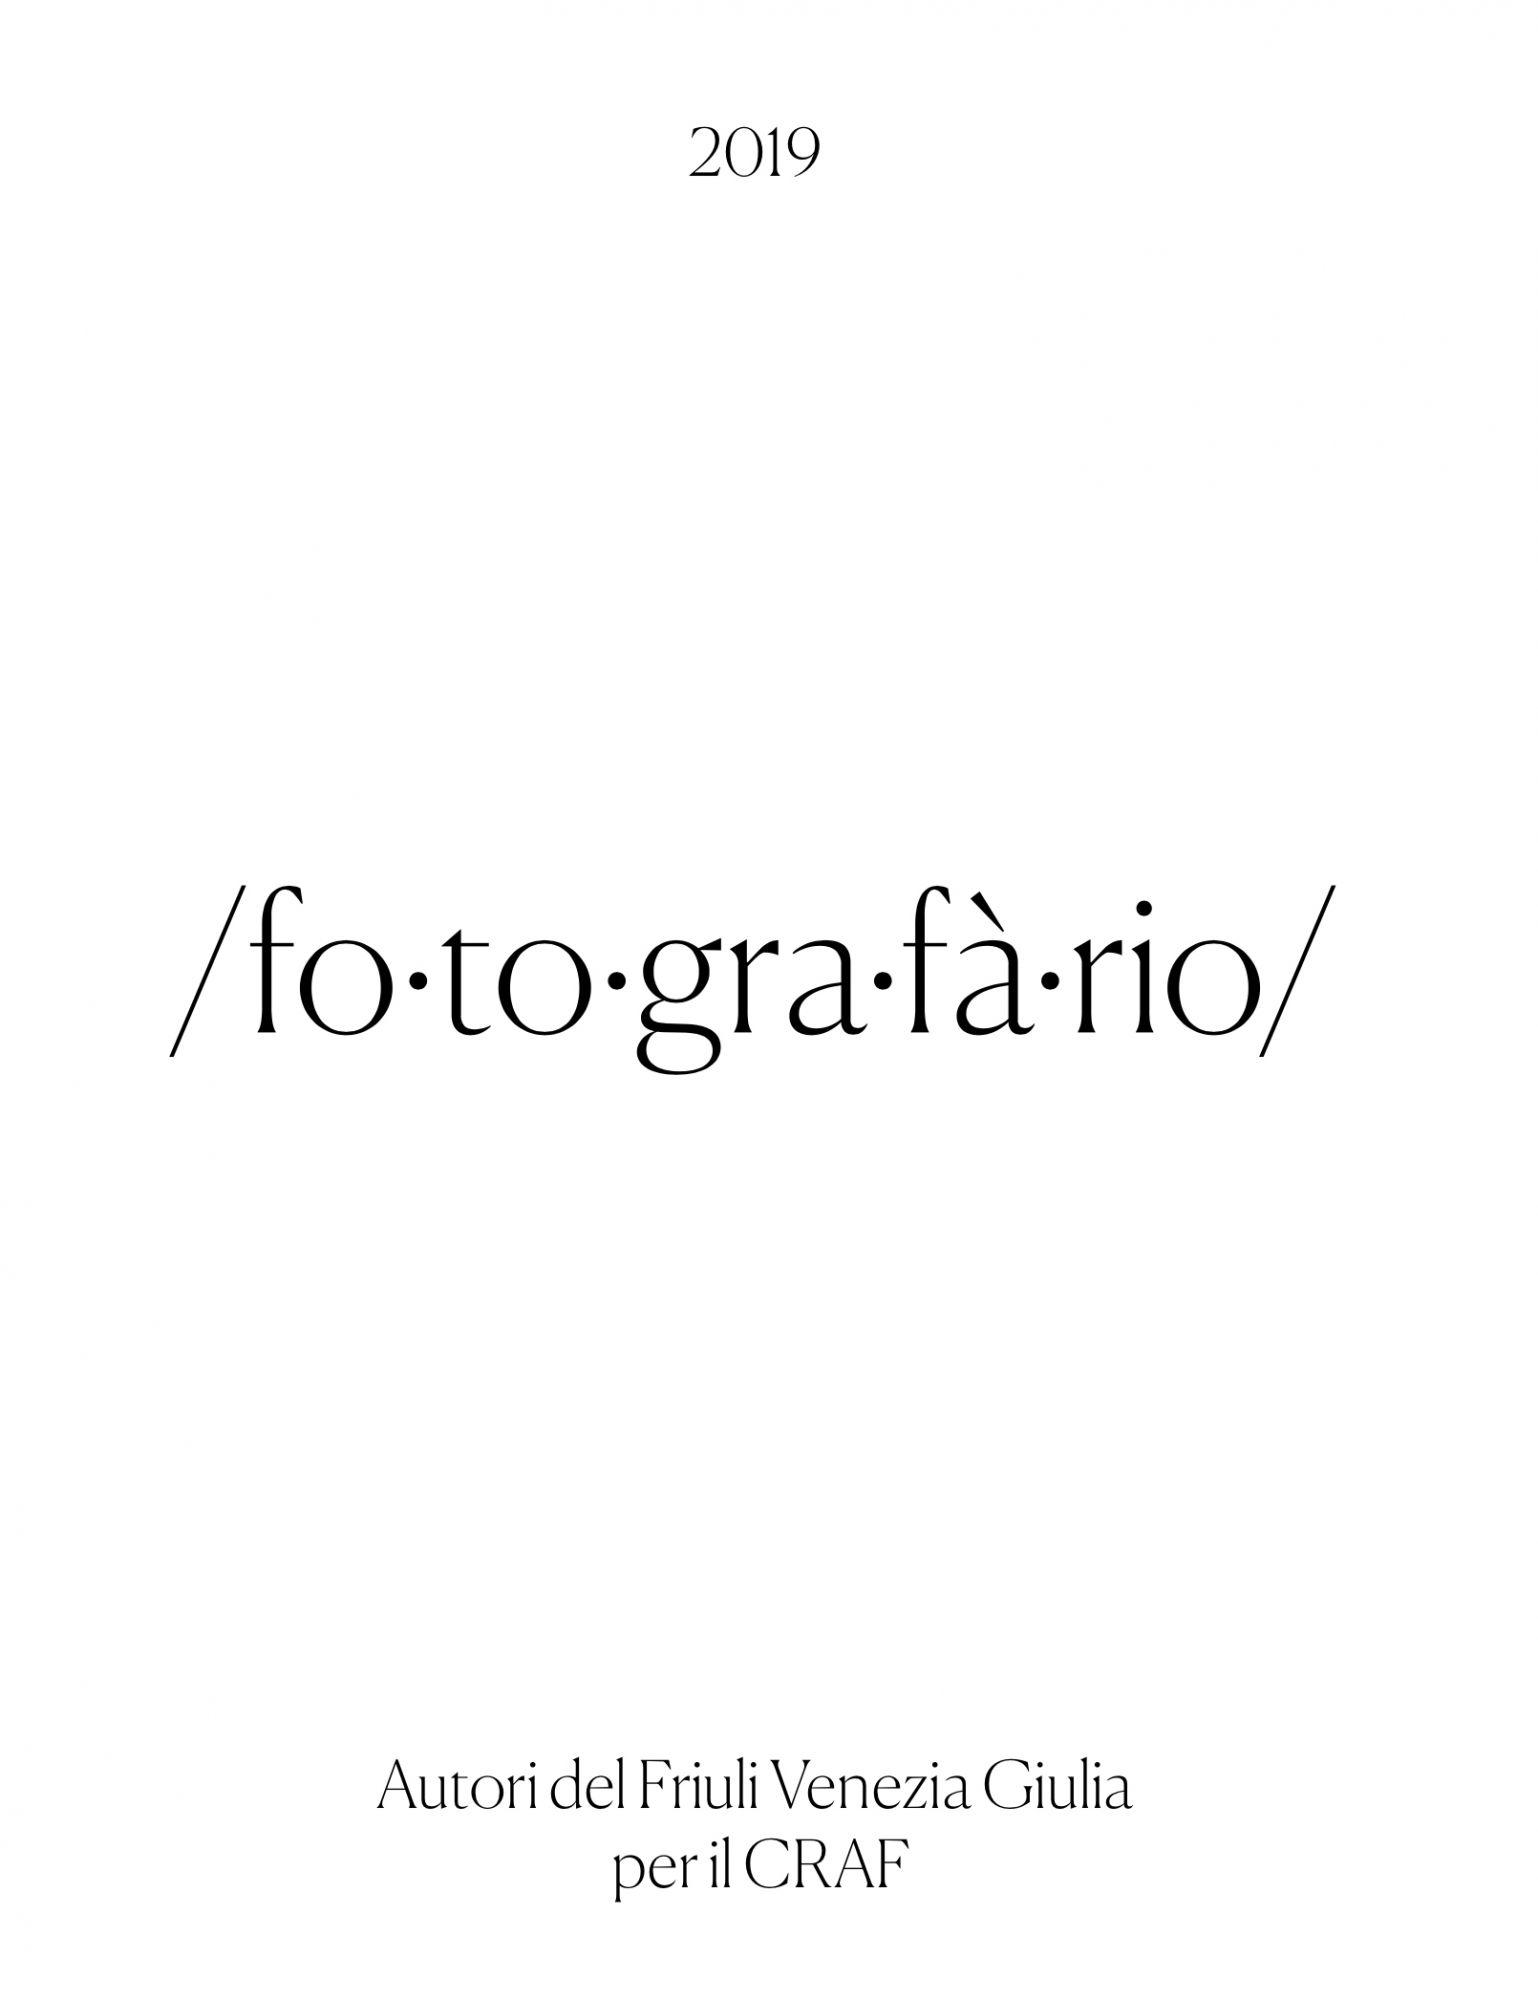 Autori del Friuli Venezia Giulia per il CRAF AA.VV. ; Spilimbergo: CRAF, c2019 ; 26 cm : ill.